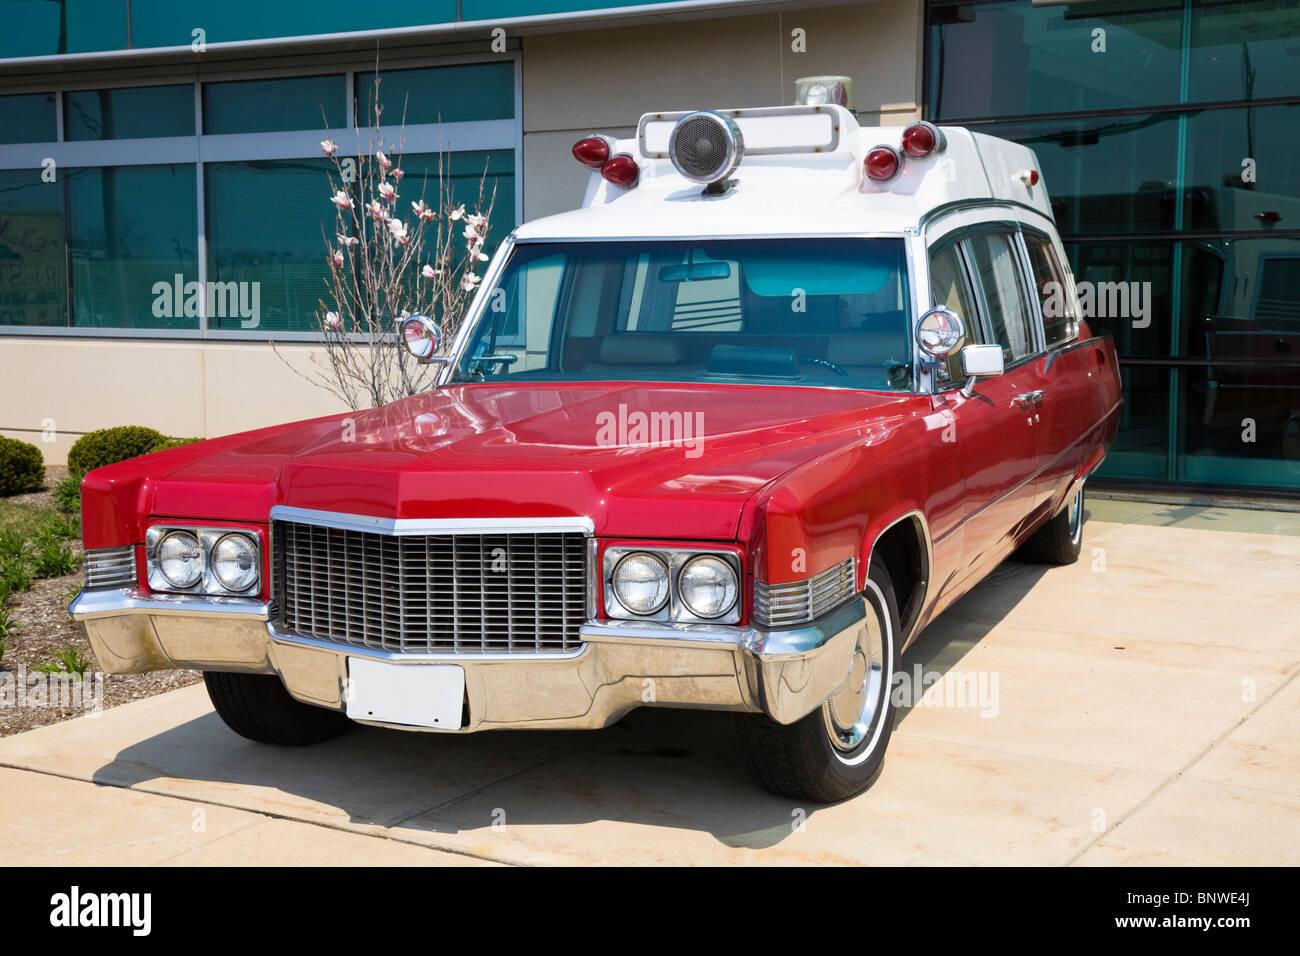 Retro ambulance - Stock Image